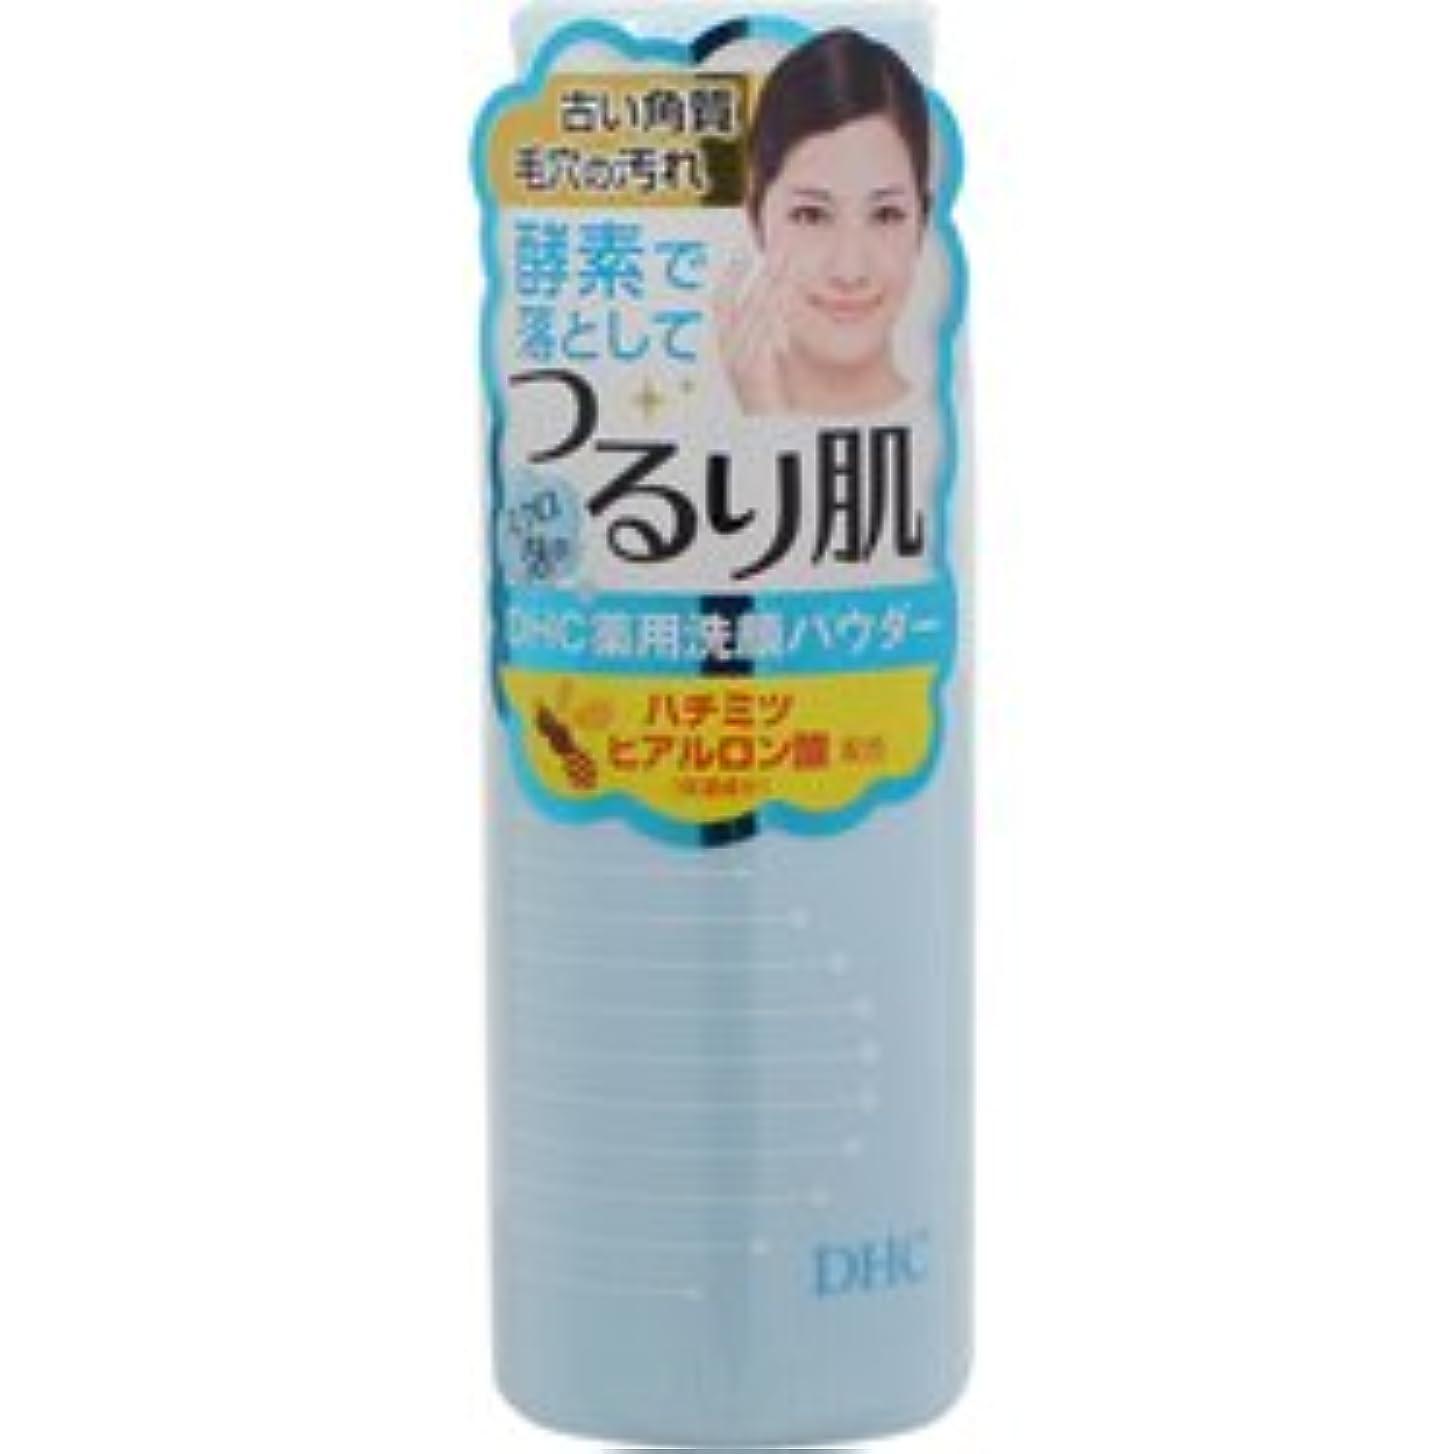 コインランドリー識字請う【DHC】薬用洗顔パウダーSS 50g ×10個セット